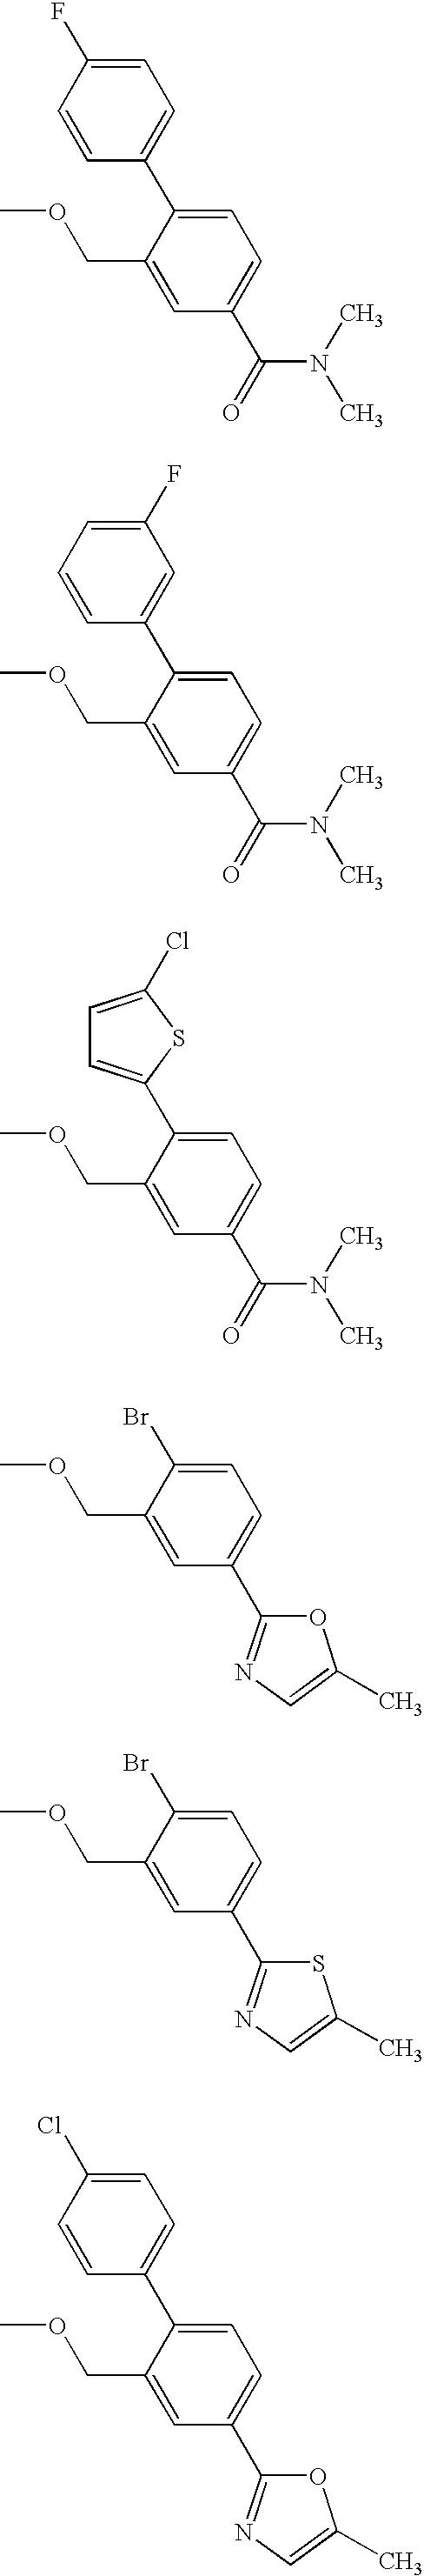 Figure US20070049593A1-20070301-C00248